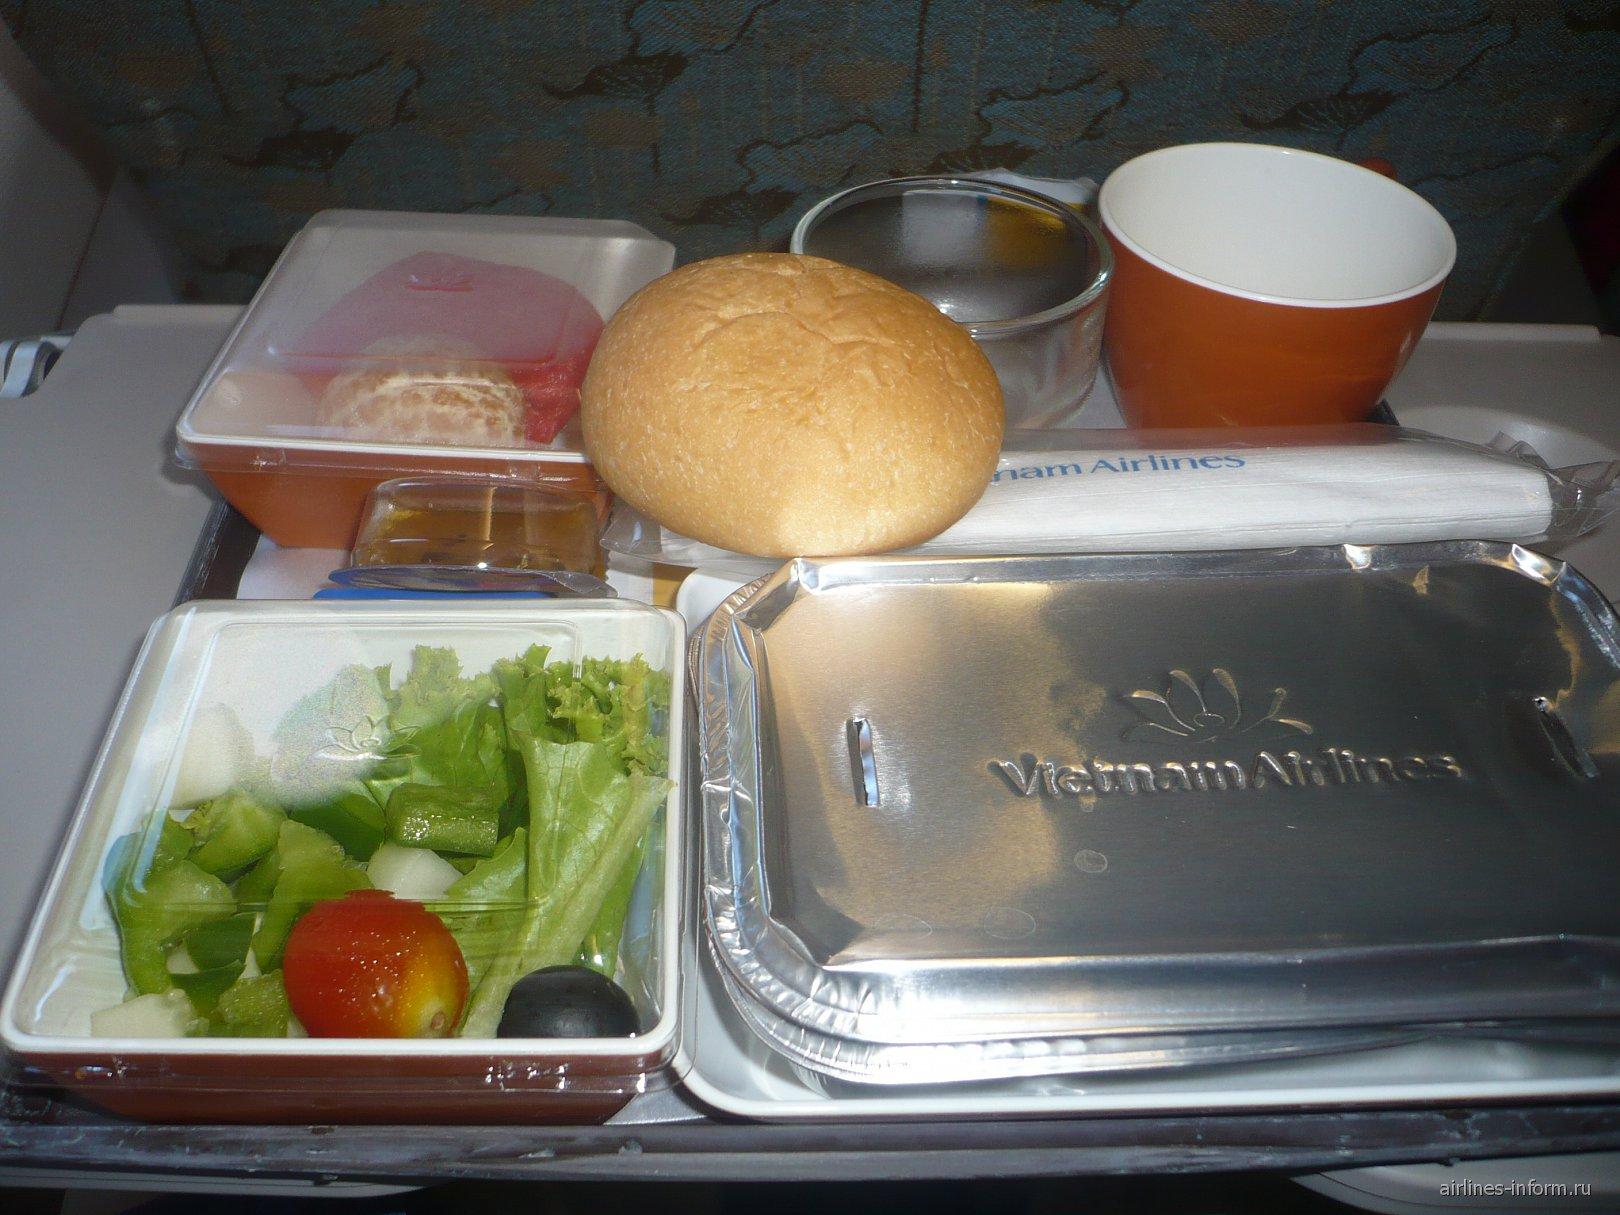 Питание на рейсе Ханой-Бангкок Вьетнамских авиалиний